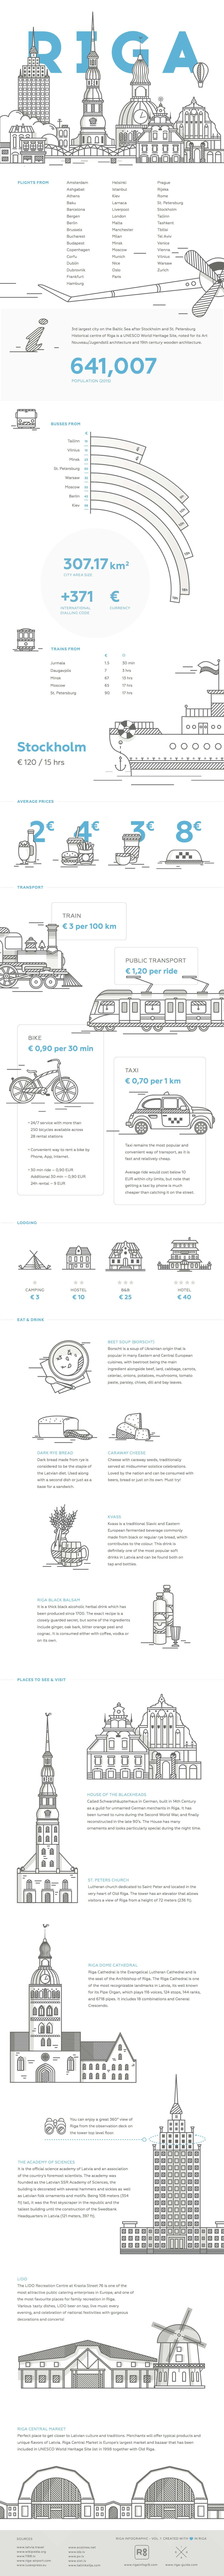 www.rigainfogr8.com_Riga_Infographic_Guide_v_1_5_by_www.riga-guide.com